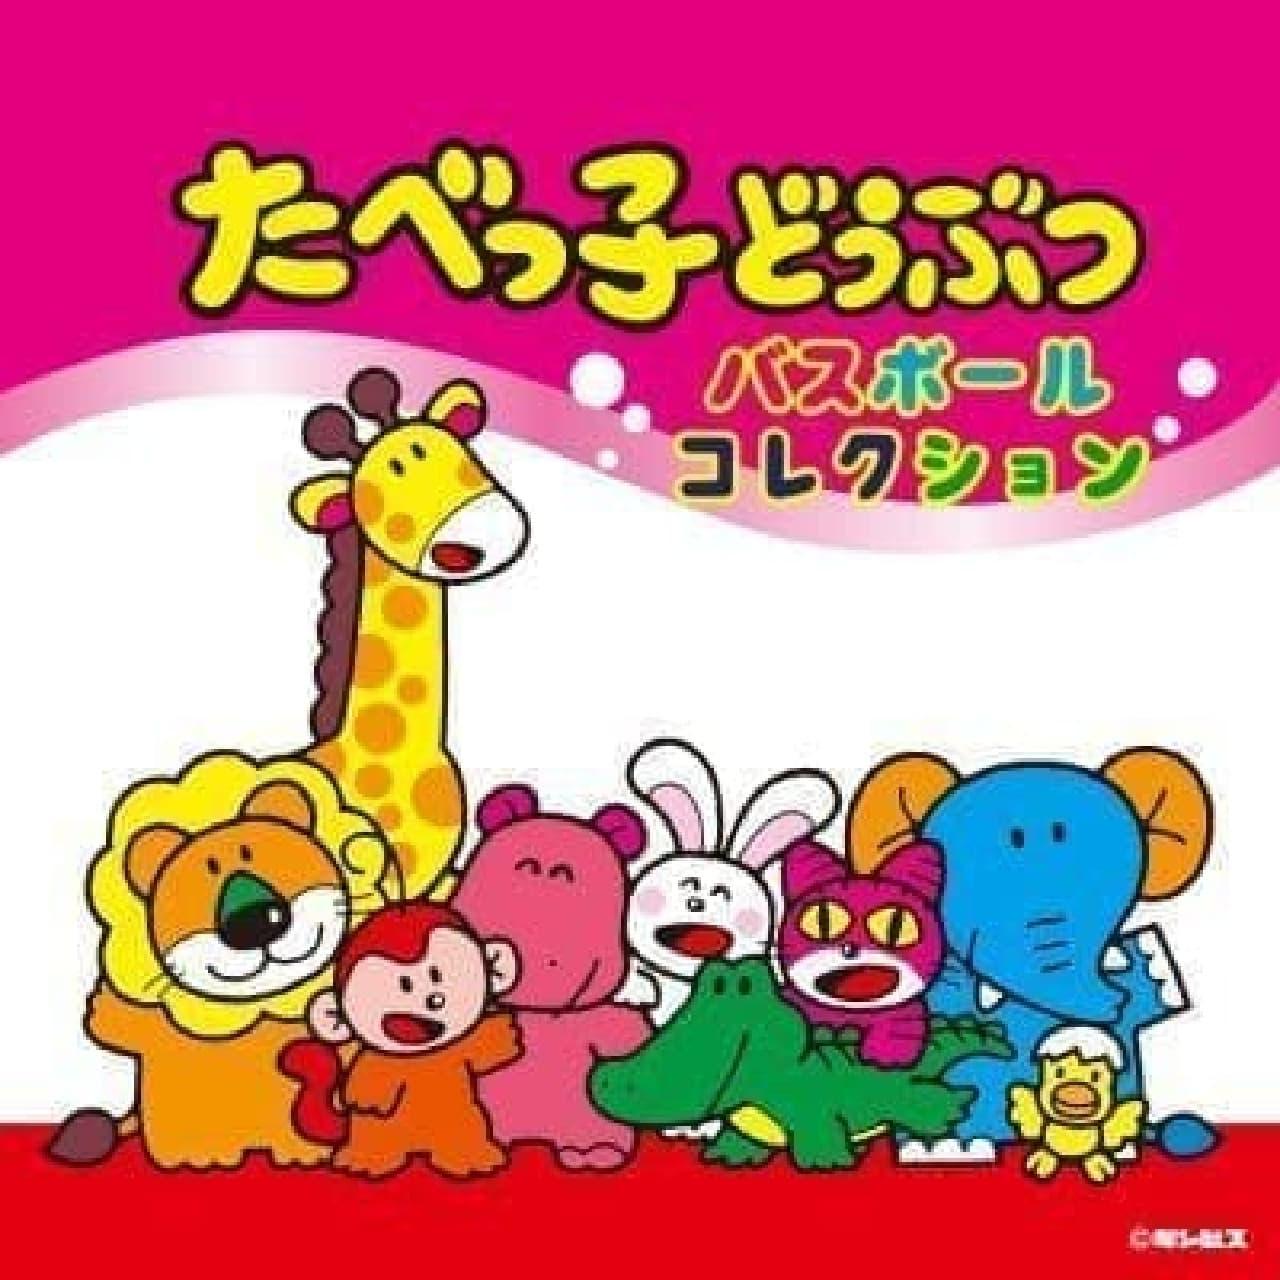 「たべっ子どうぶつ POPUP SHOP」が大阪と東京に -- 限定雑貨やノベルティを展開